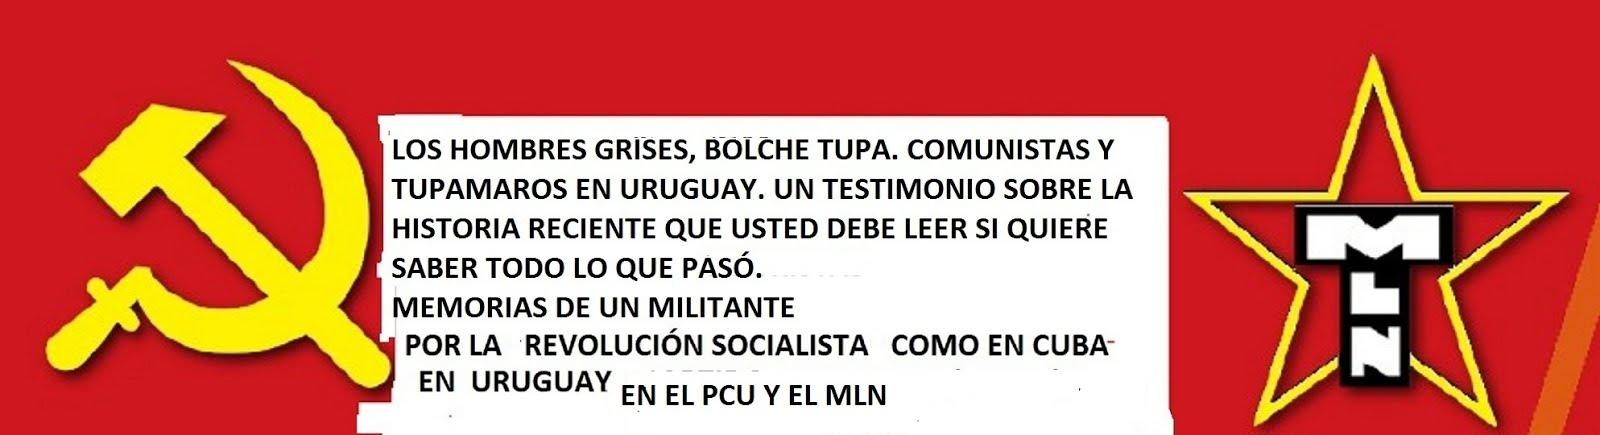 LOS HOMBRES GRISES (BOLCHE TUPA )  : COMUNISTAS Y TUPAMAROS EN URUGUAY